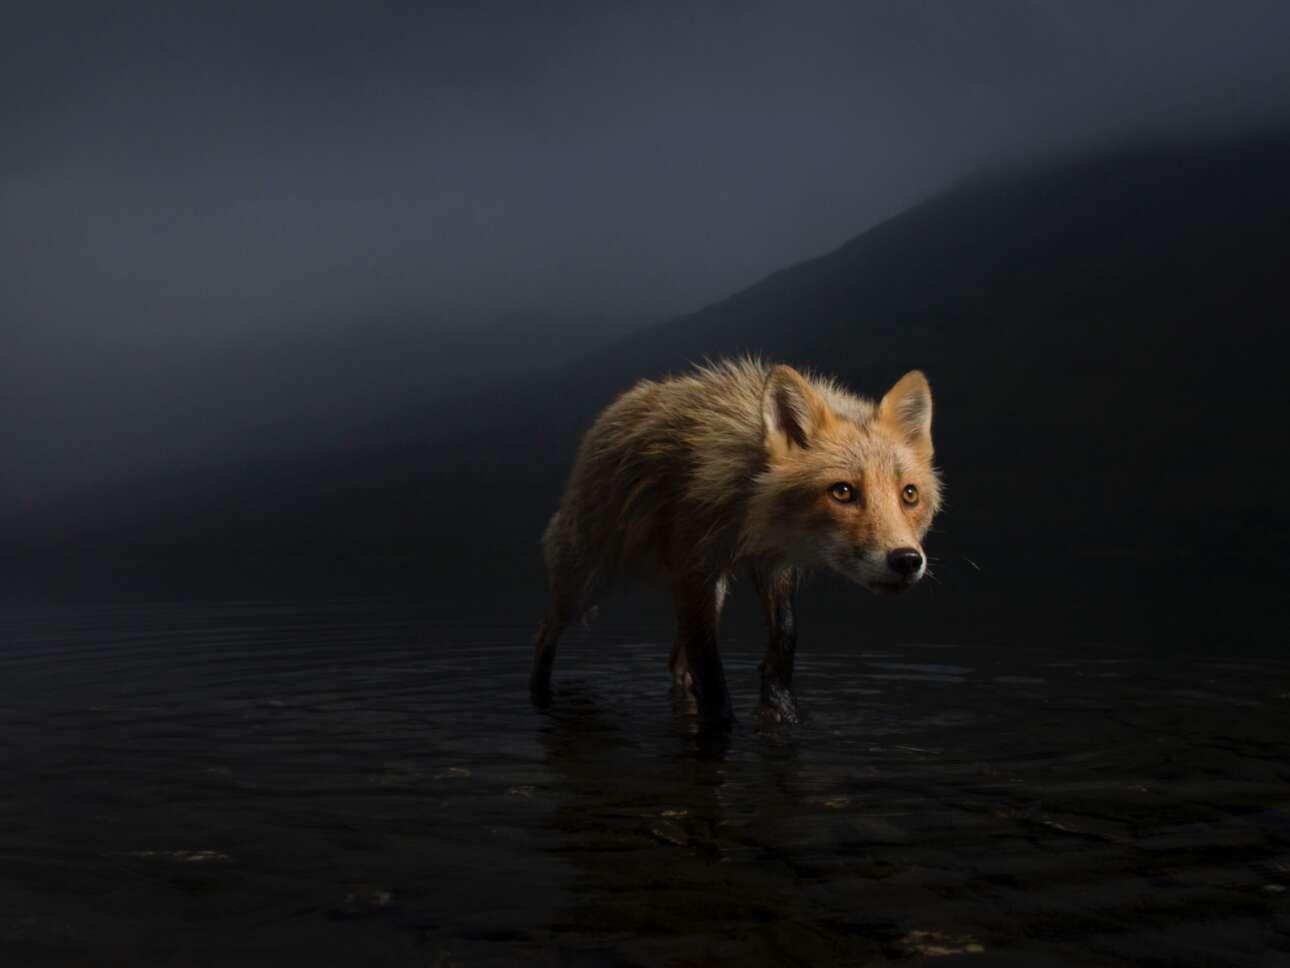 Ο αμερικανός φωτογράφος Τζόνι Άρμστρονγκ φωτογράφισε μια αλεπού η οποία αναζητούσε κουφάρια σολομών σε μια περιοχή της Αλάσκας